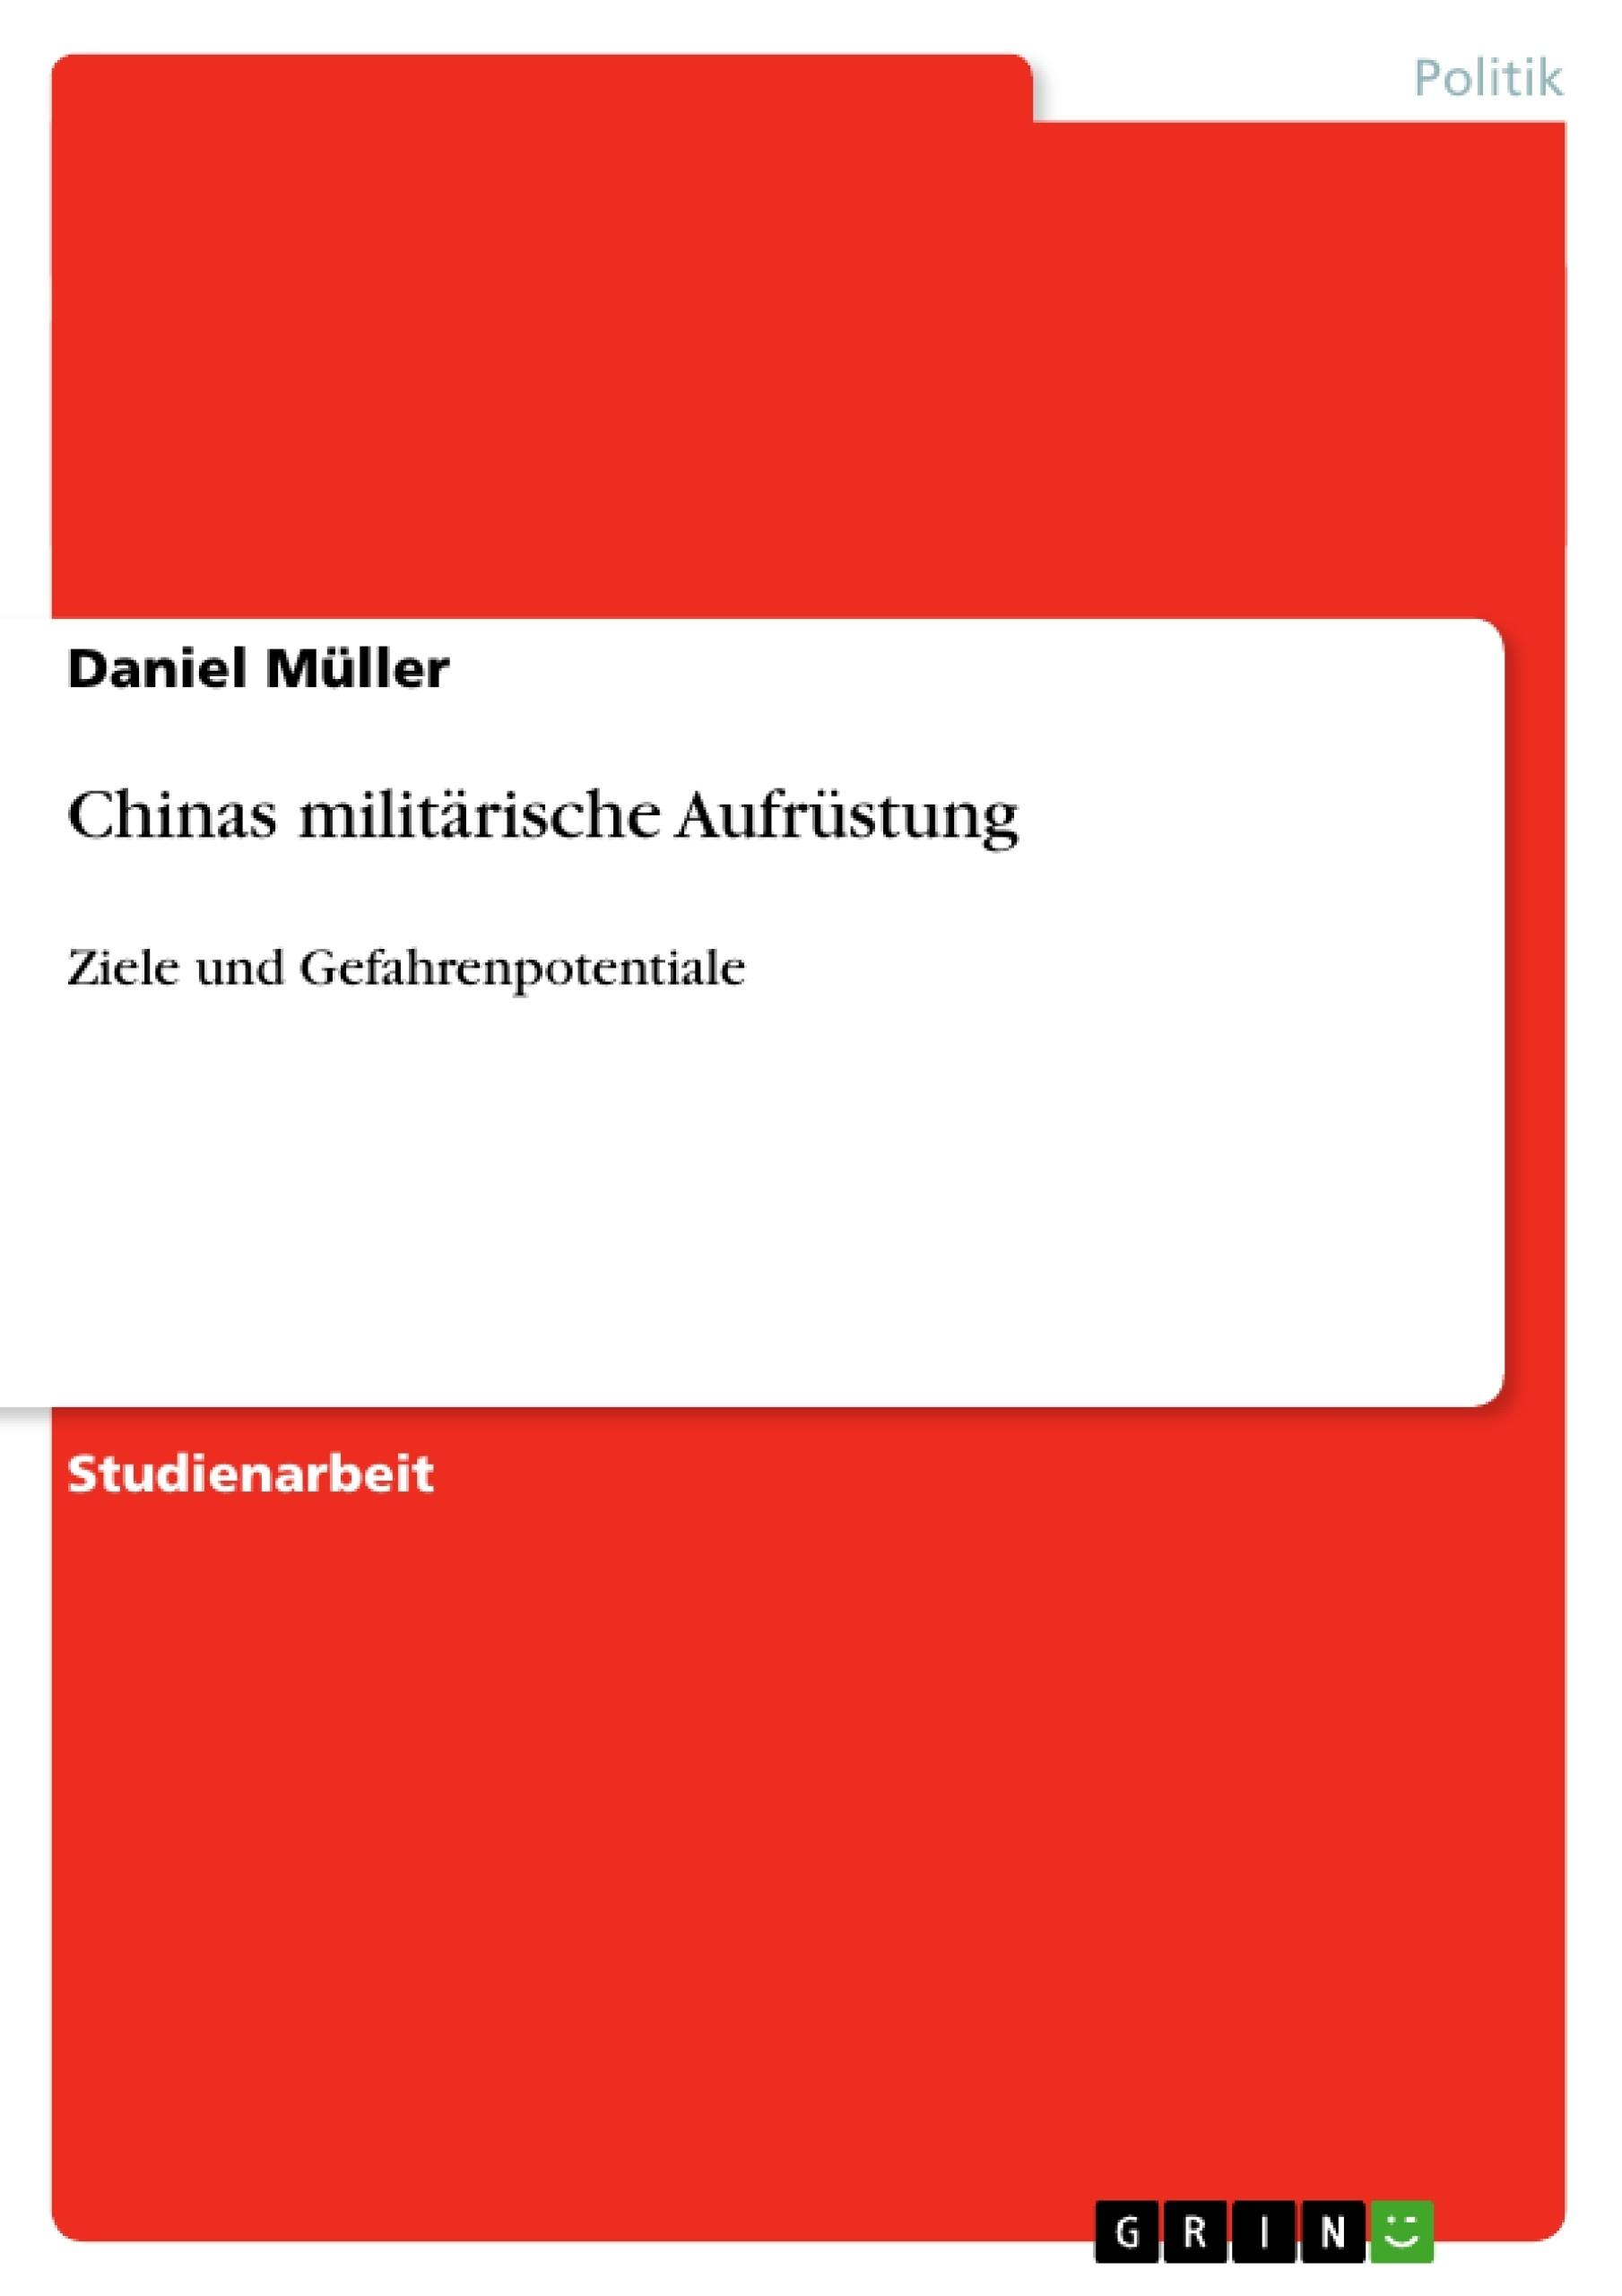 Chinas militärische Aufrüstung | Masterarbeit, Hausarbeit ...